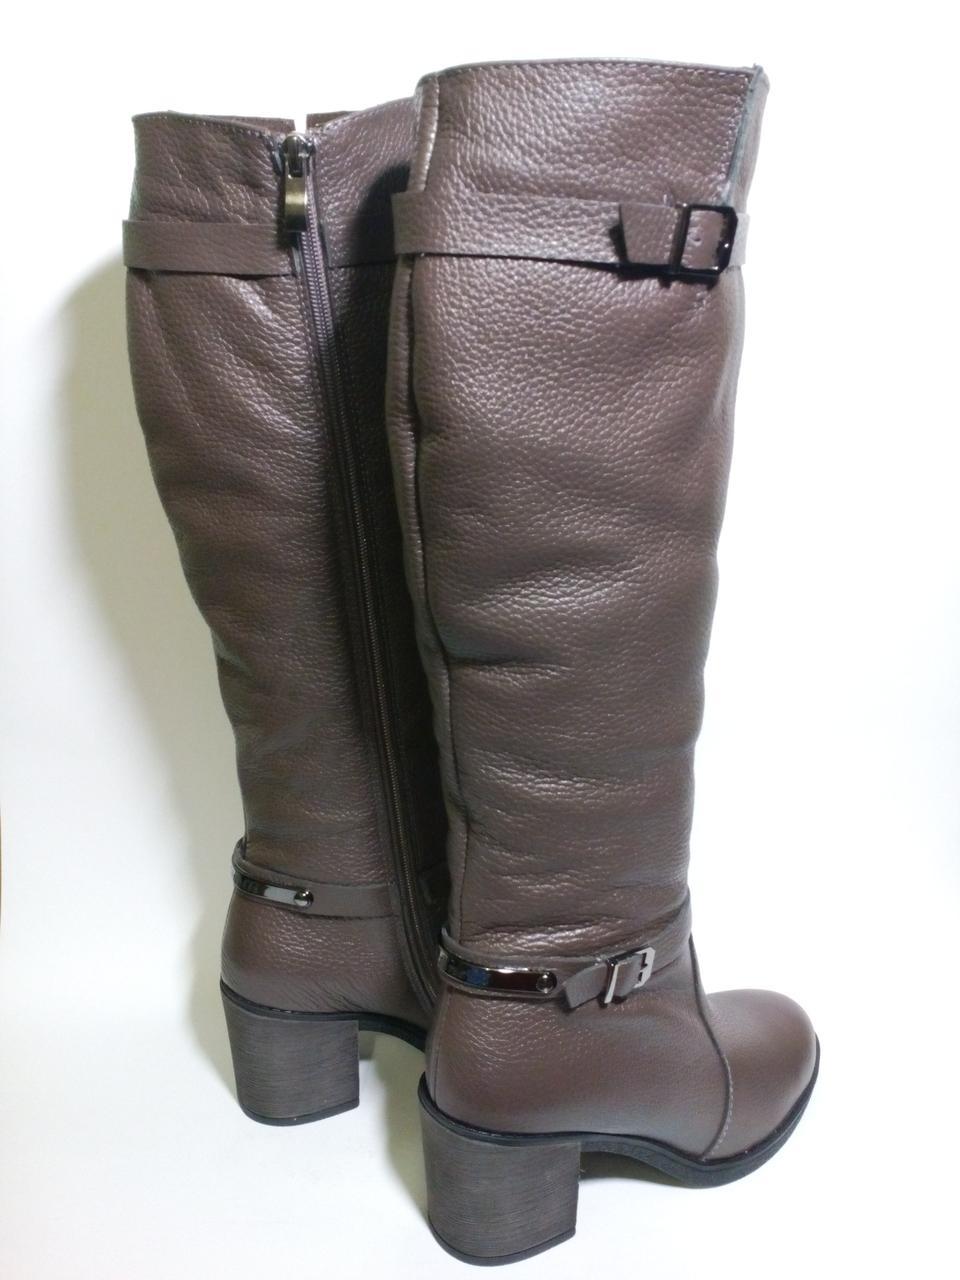 e52a32912 Сапоги высокие кожаные женские зимние на меху 37 размер: продажа ...